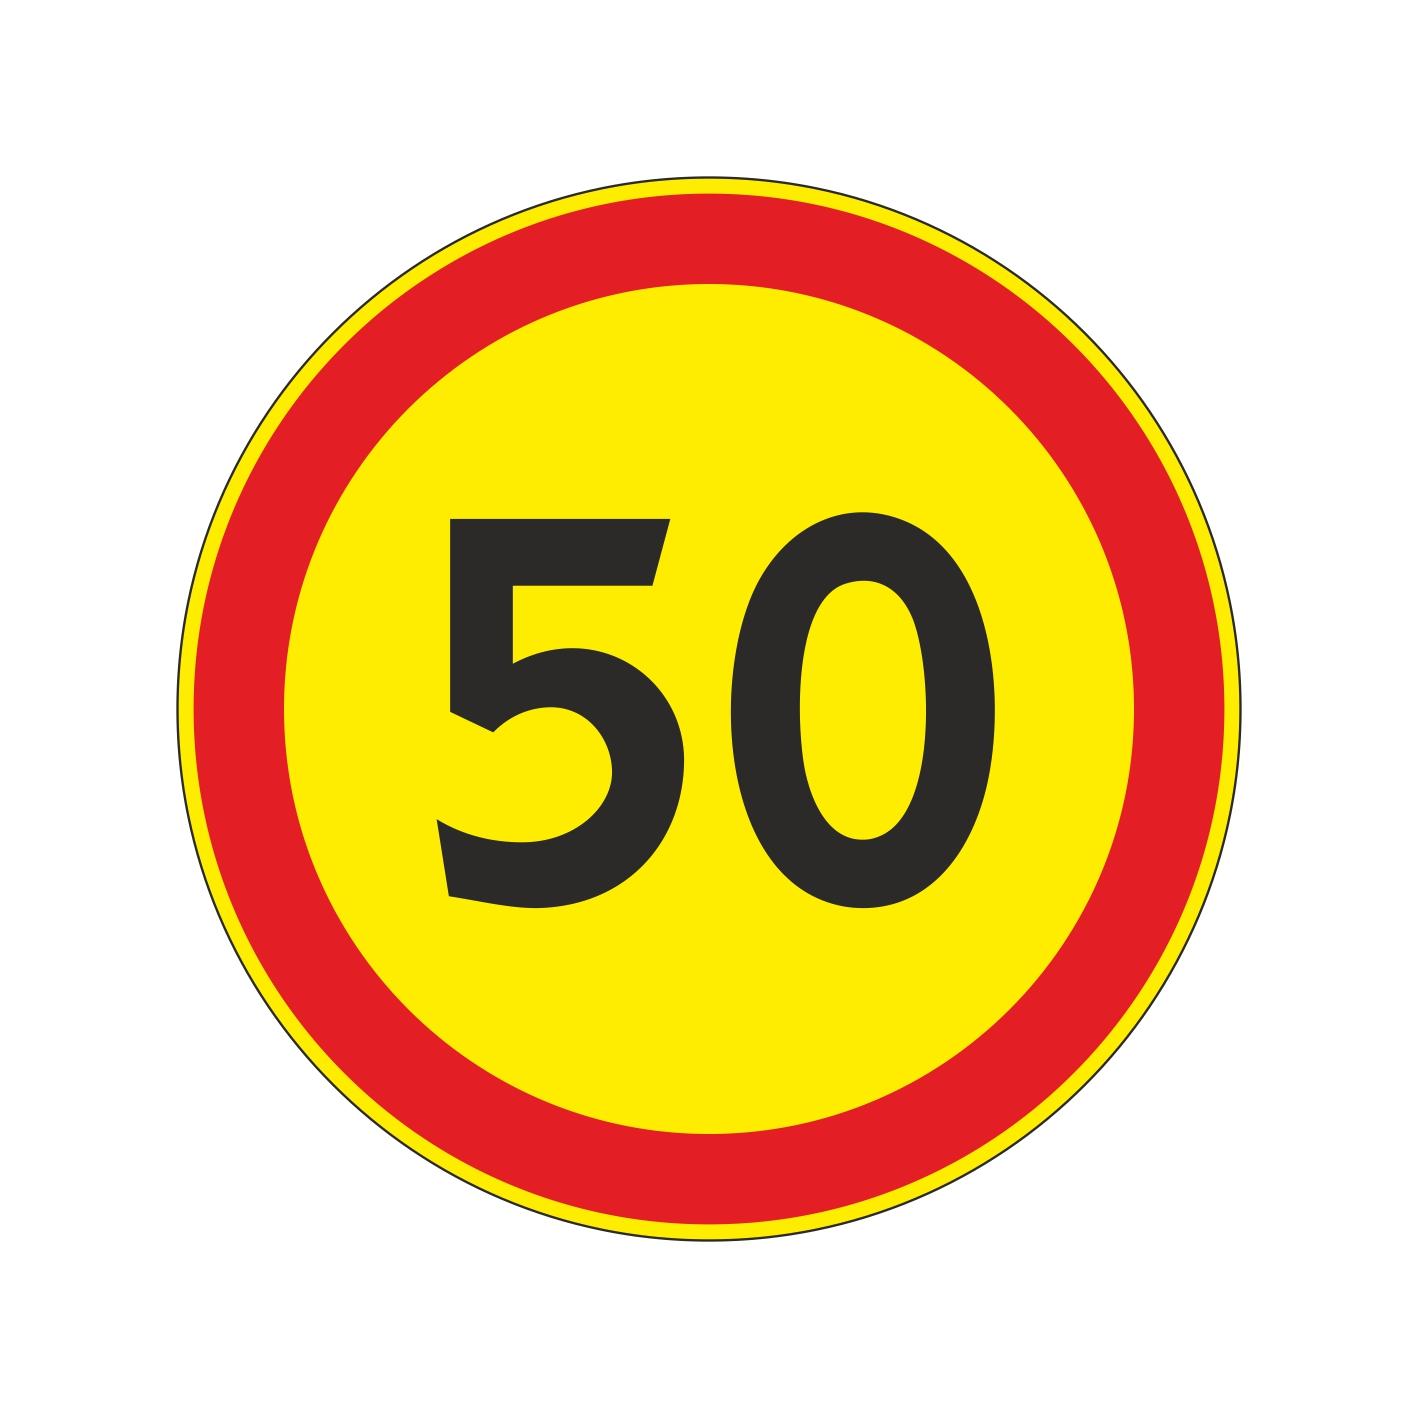 3.24 (временный) Ограничение максимальной скорости